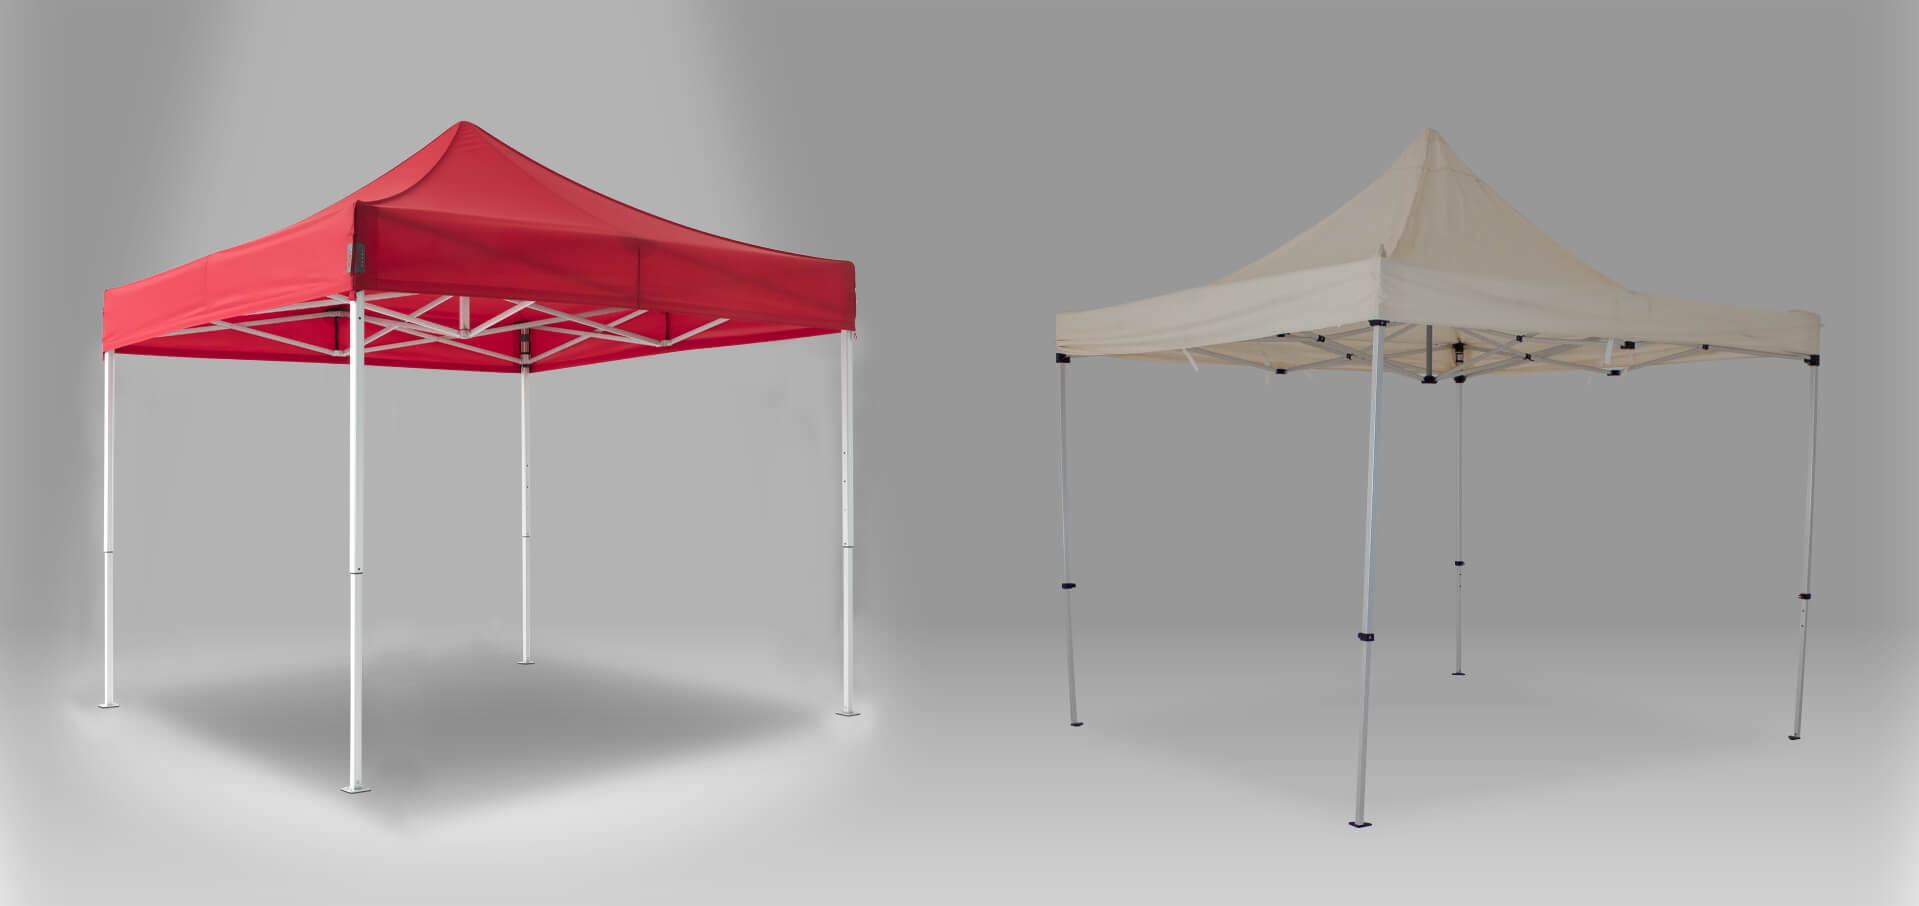 Vergleich eines RUKUevent Faltpavillons mit einem herkömmlichen Faltpavillon der Konkurrenz.